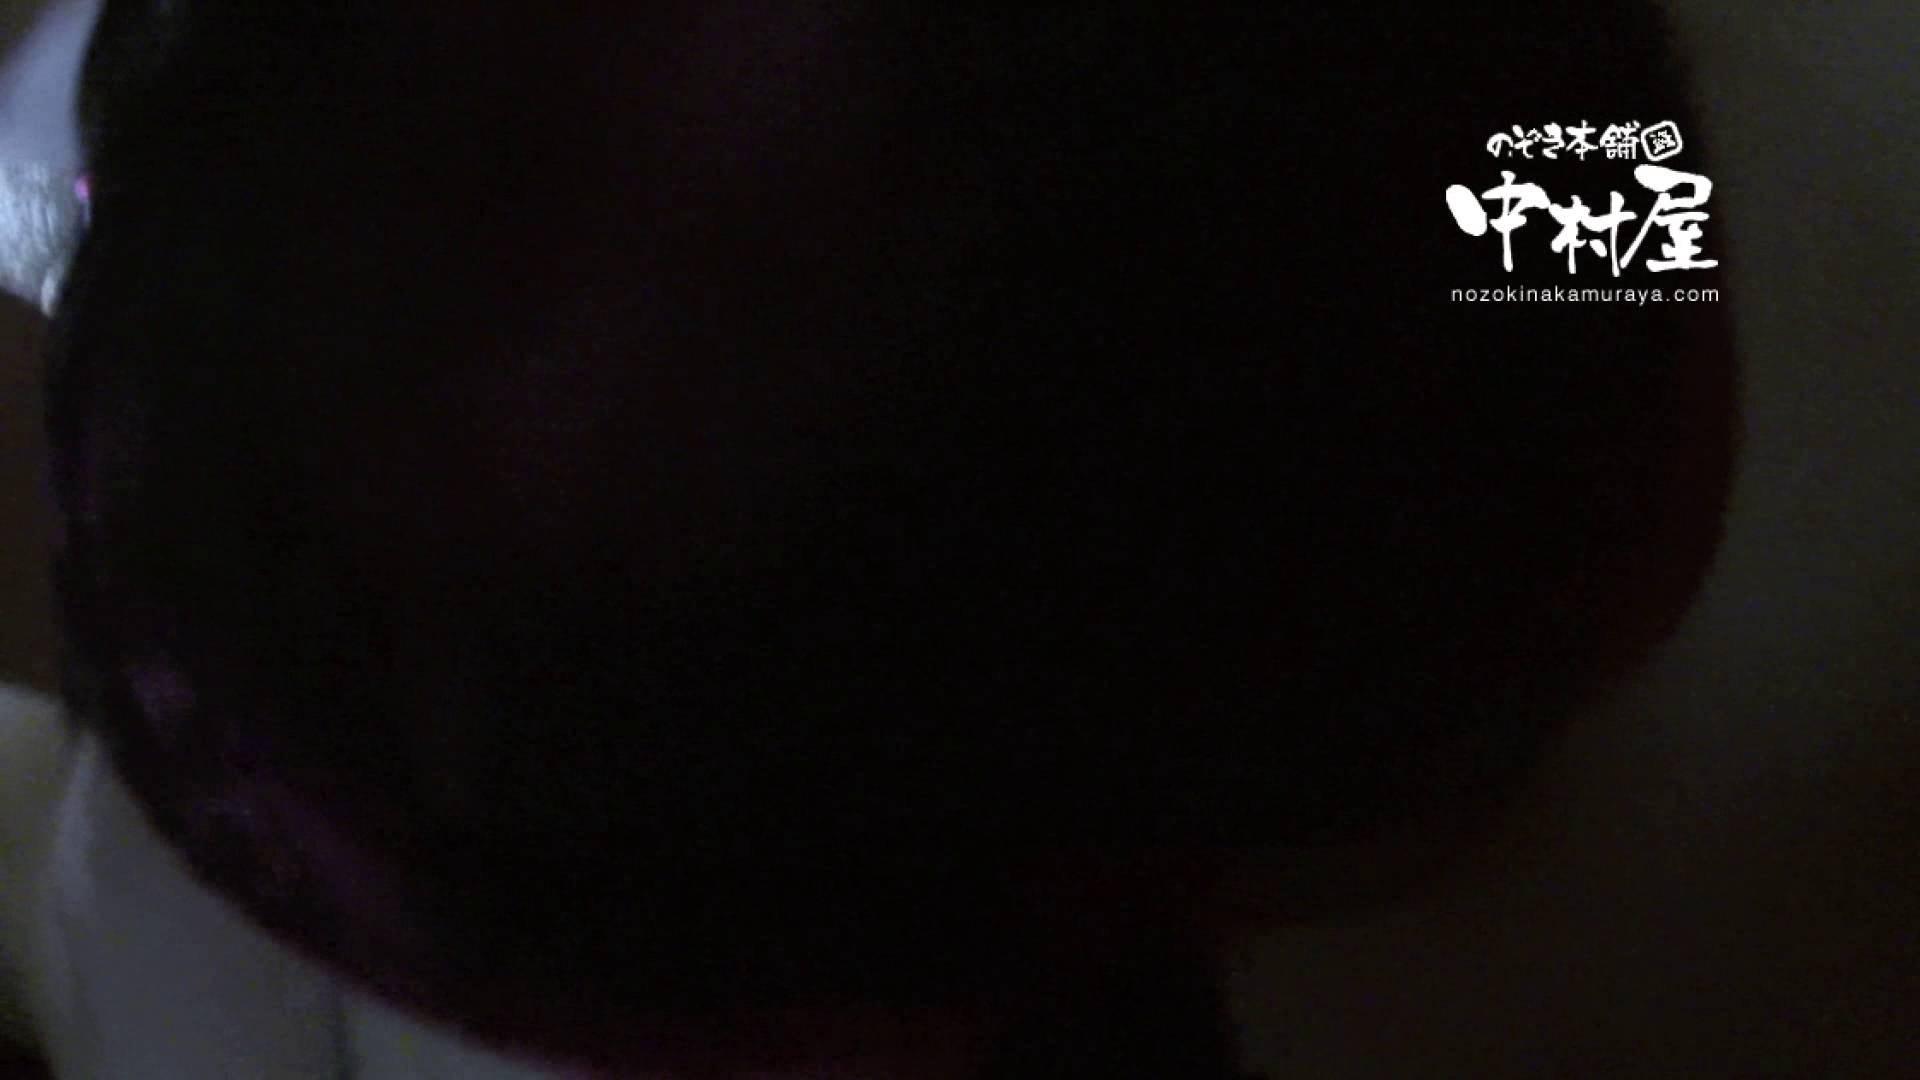 鬼畜 vol.12 剥ぎ取ったら色白でゴウモウだった 後編 OLセックス  86画像 84